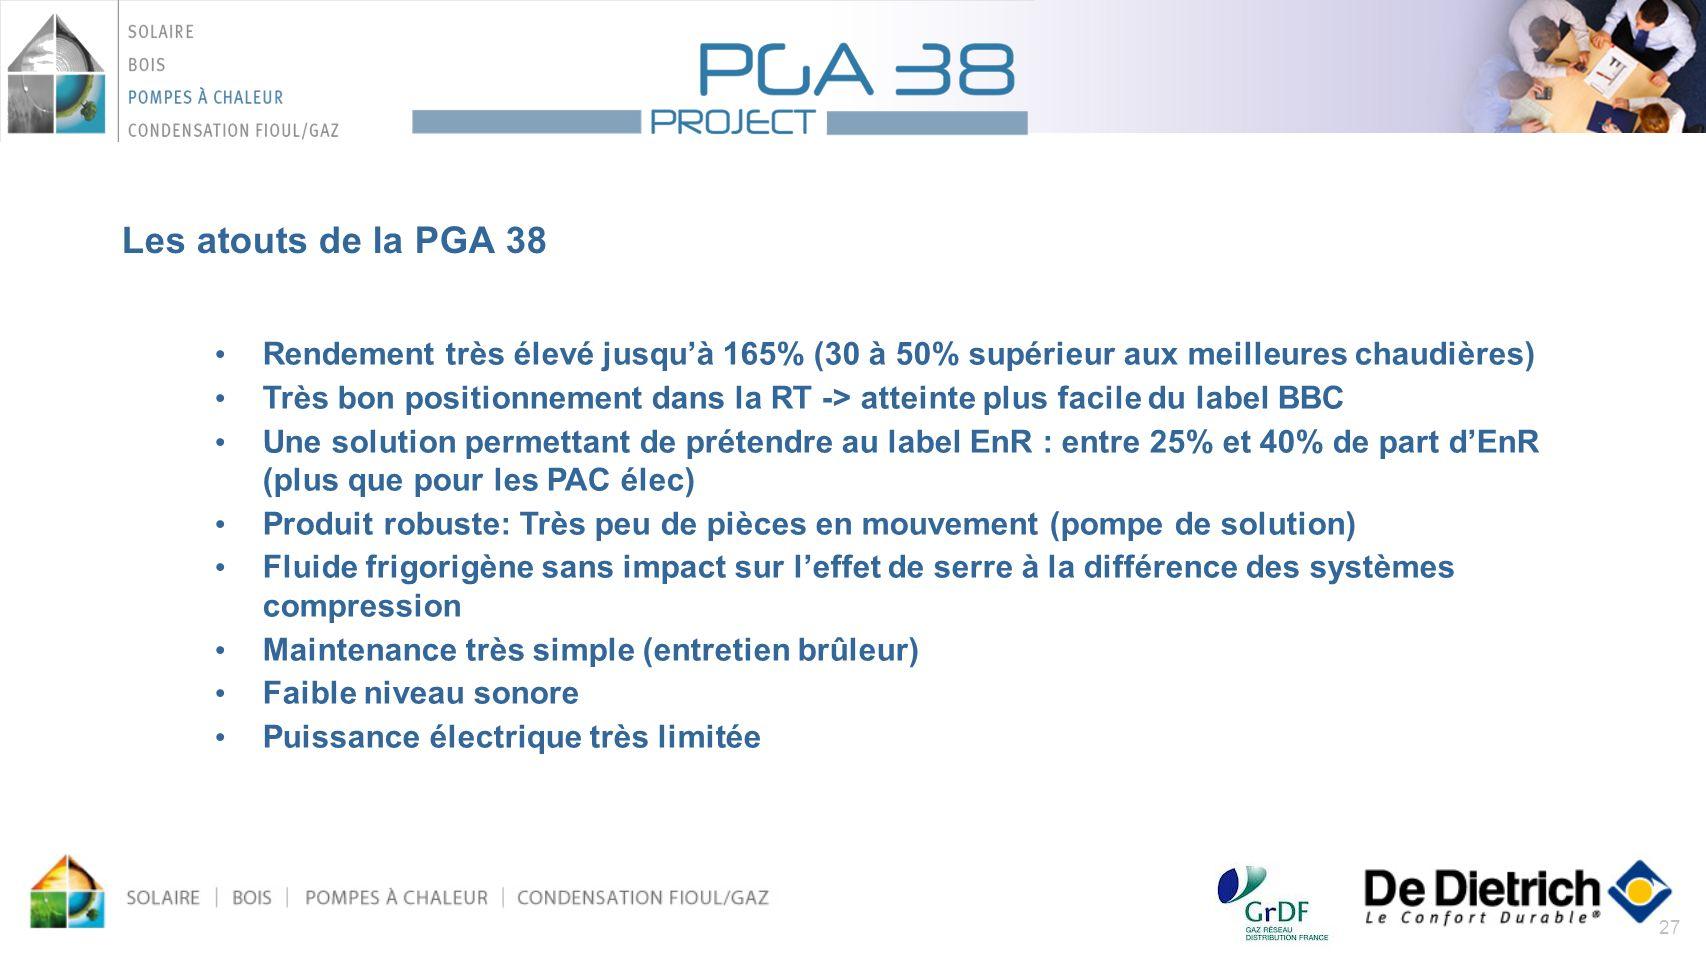 Les atouts de la PGA 38 Rendement très élevé jusqu'à 165% (30 à 50% supérieur aux meilleures chaudières)